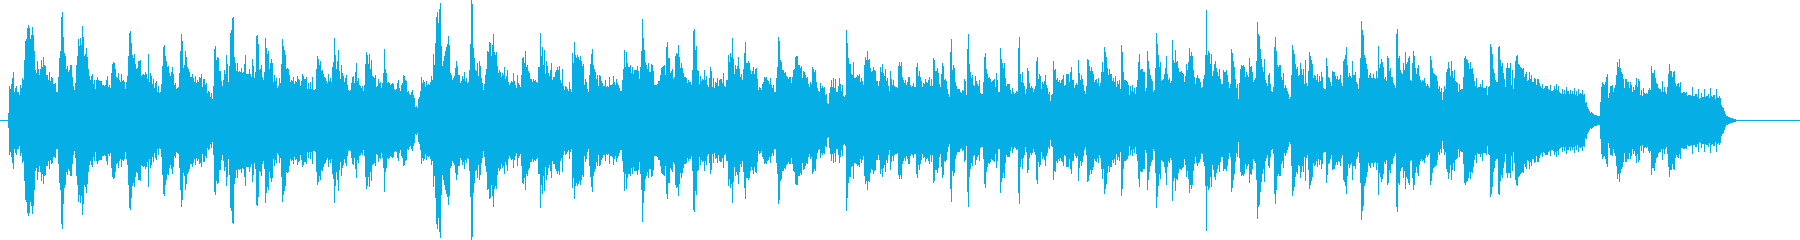 アコーディオン カントリー USA国歌の再生済みの波形